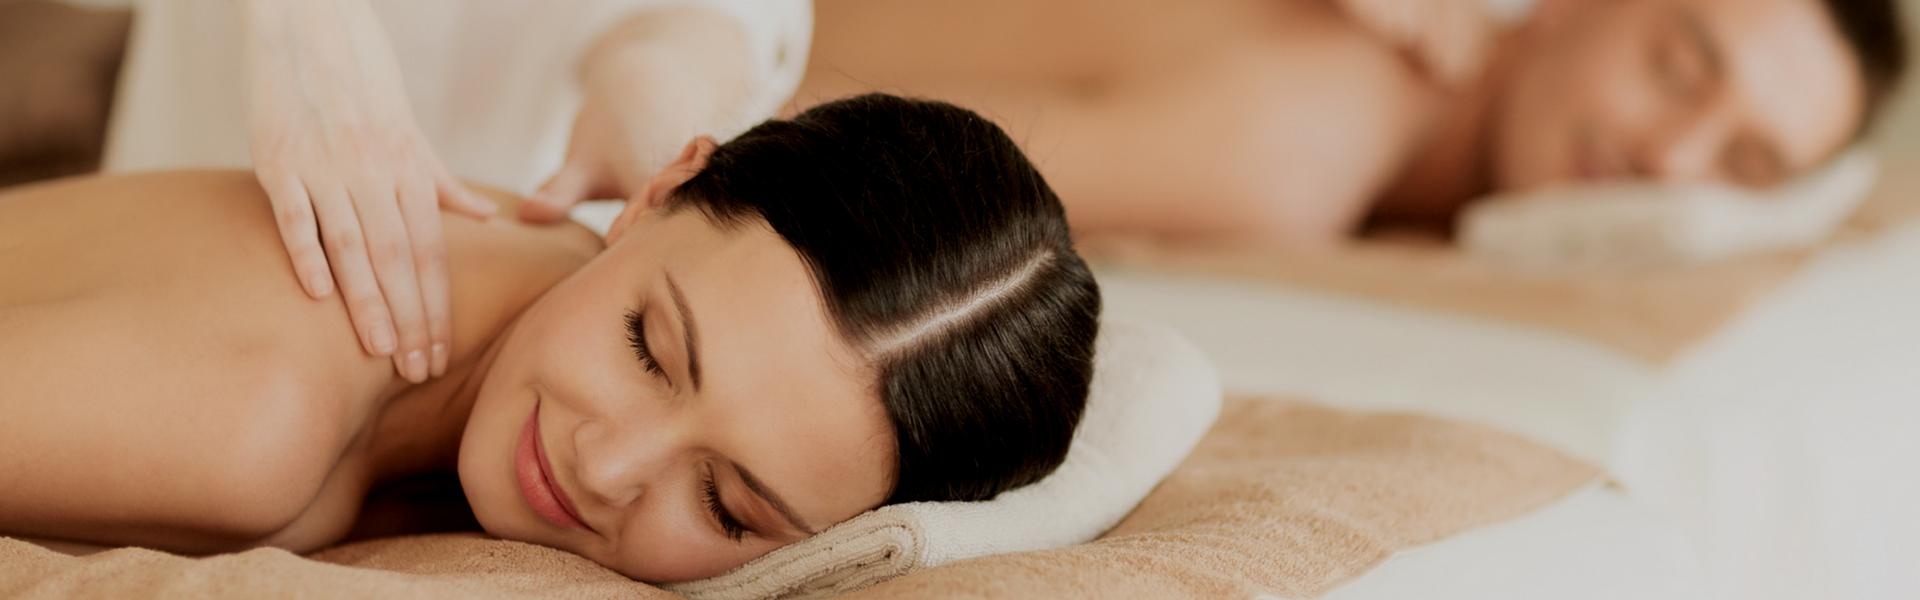 massage karlskrona grodan stockholm